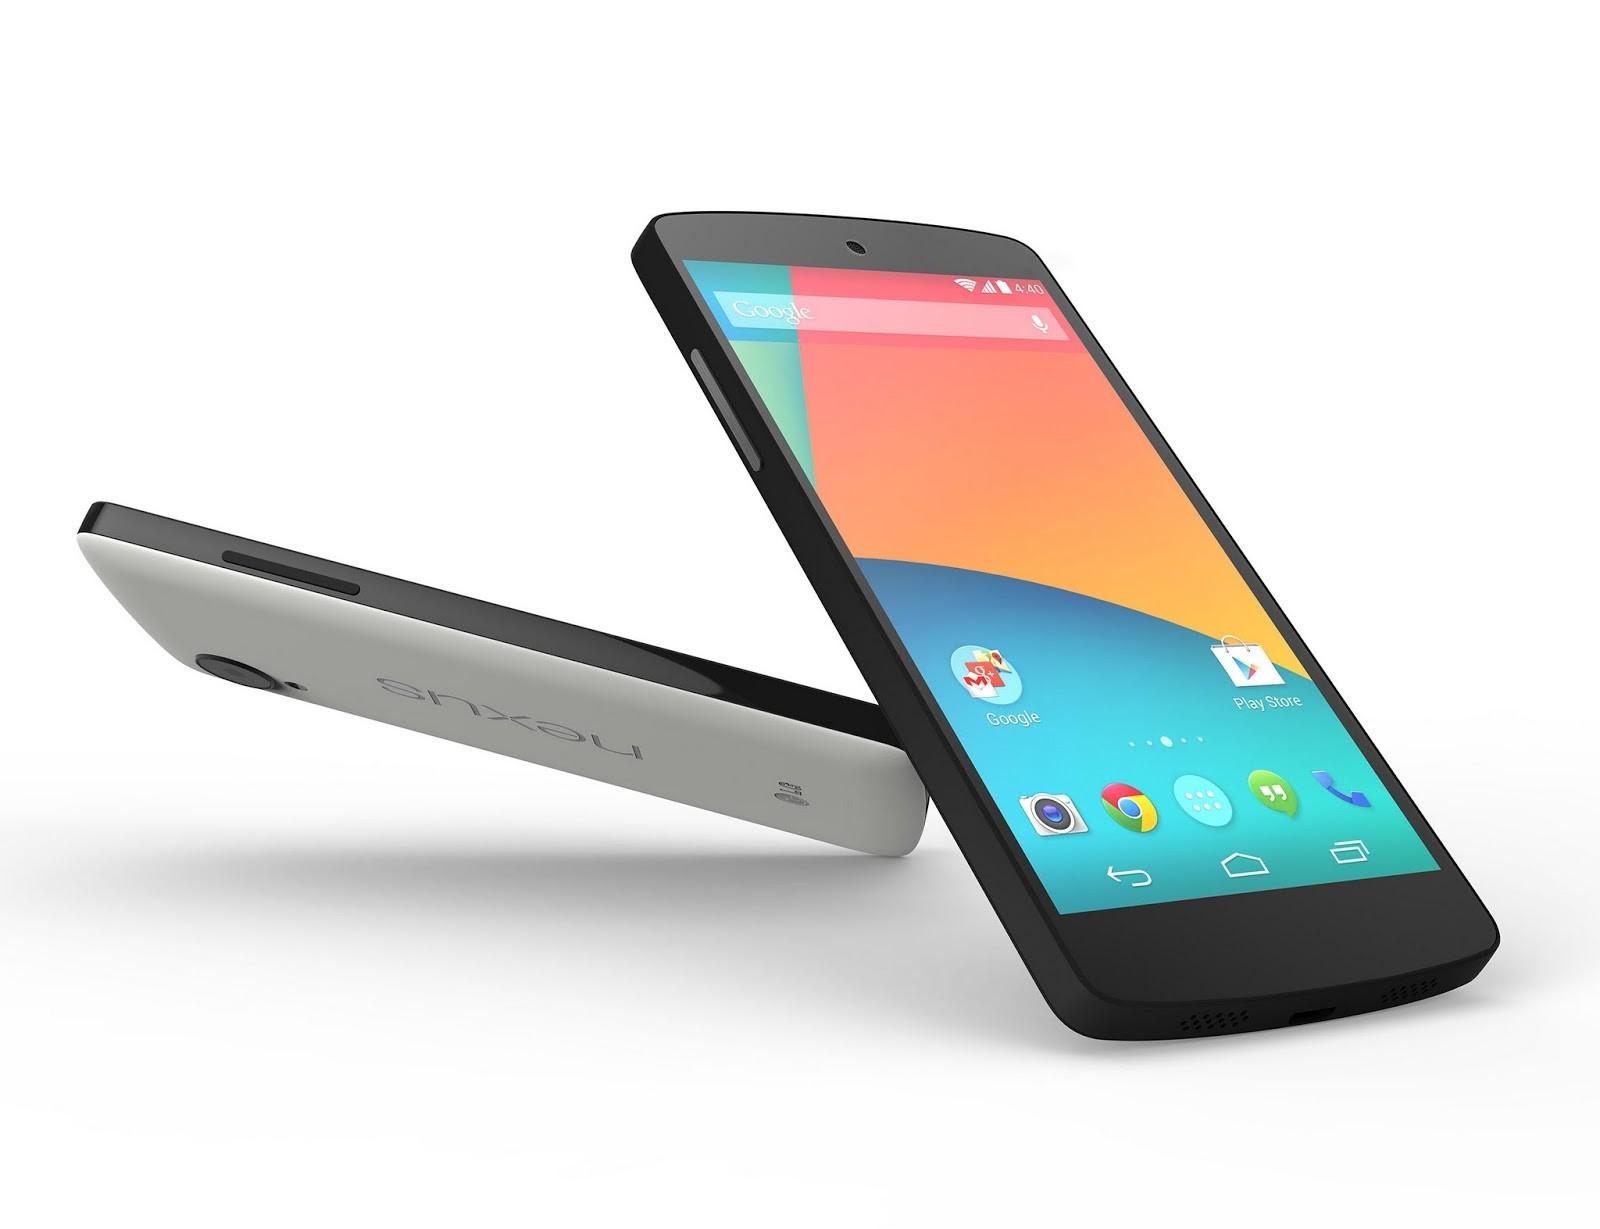 image0014 - Nexus 5 chính hãng giảm một triệu đồng